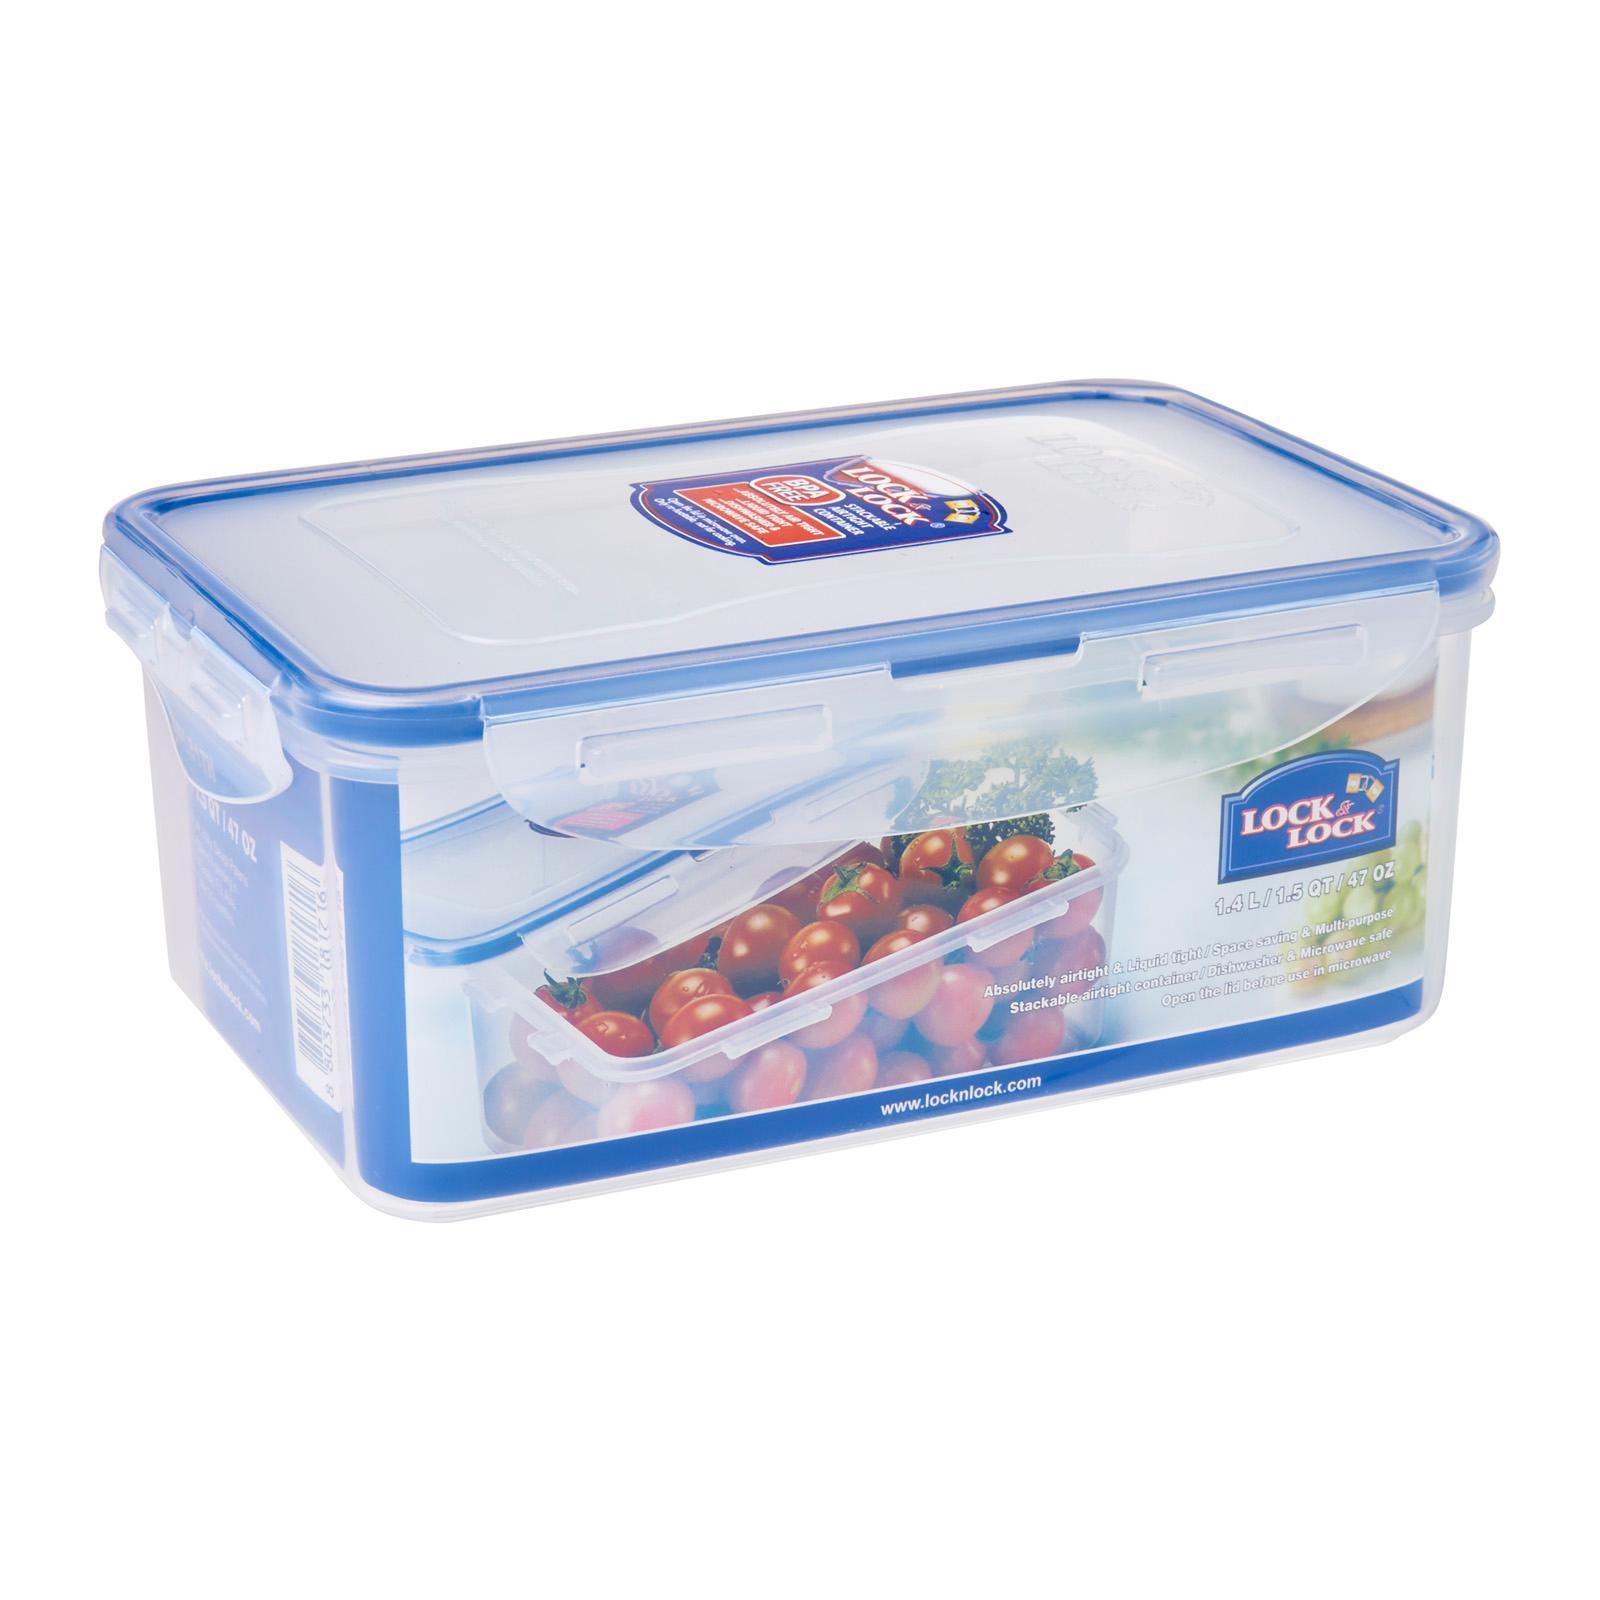 Lock & Lock Rectangular Classic Food Container 550ml